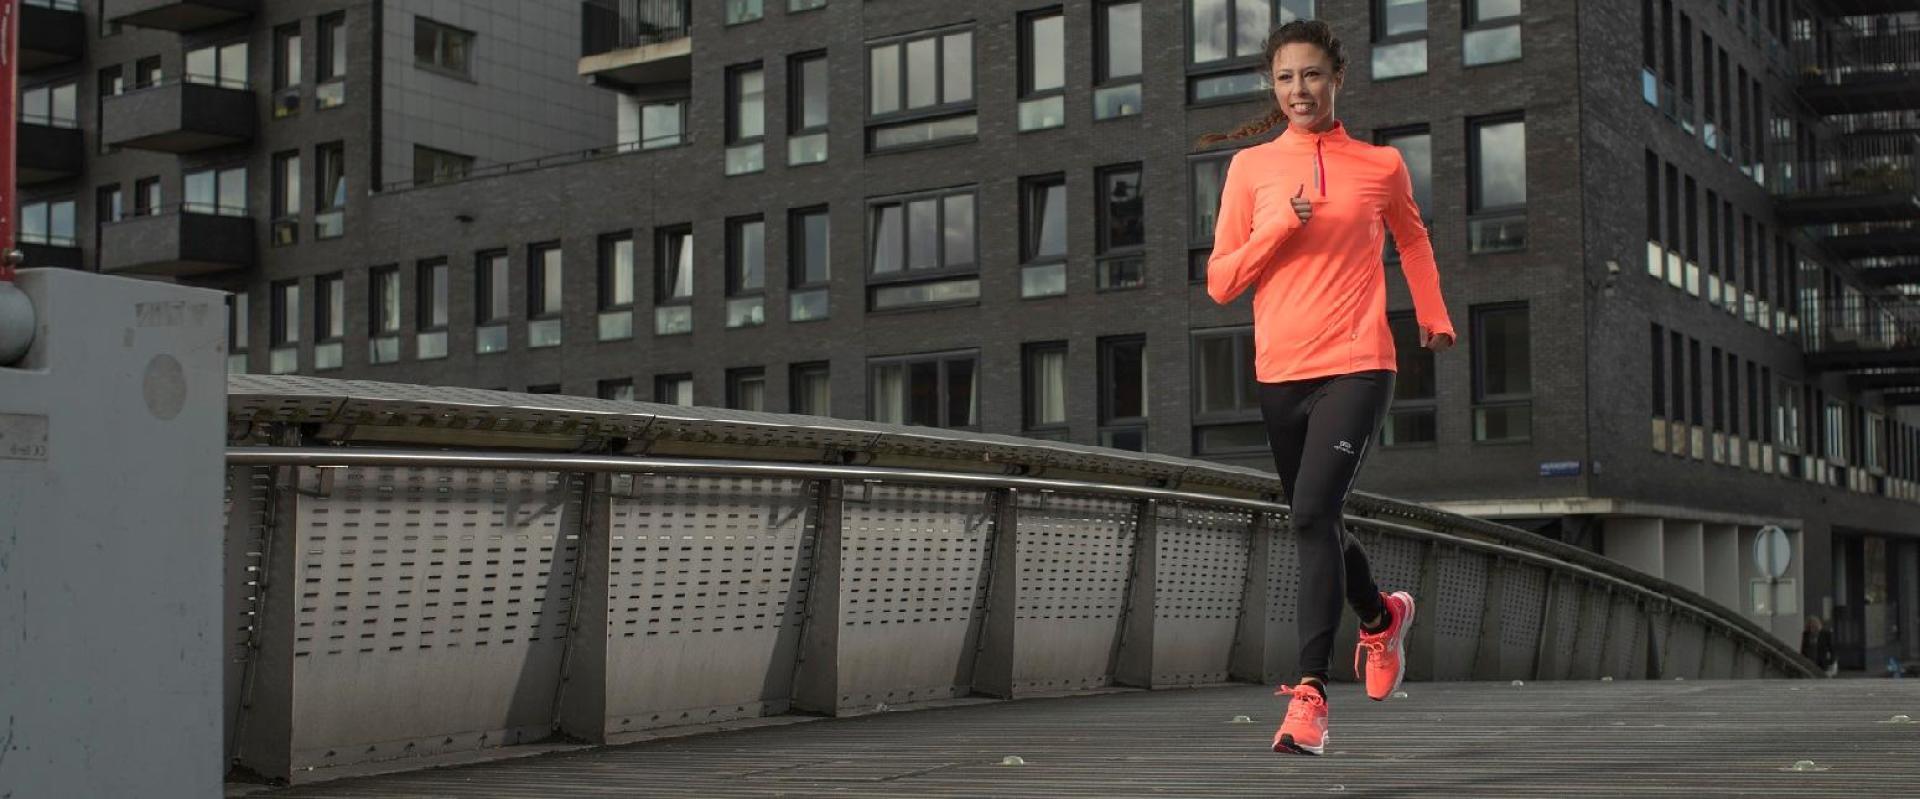 Interval Training : Making Progress In Running